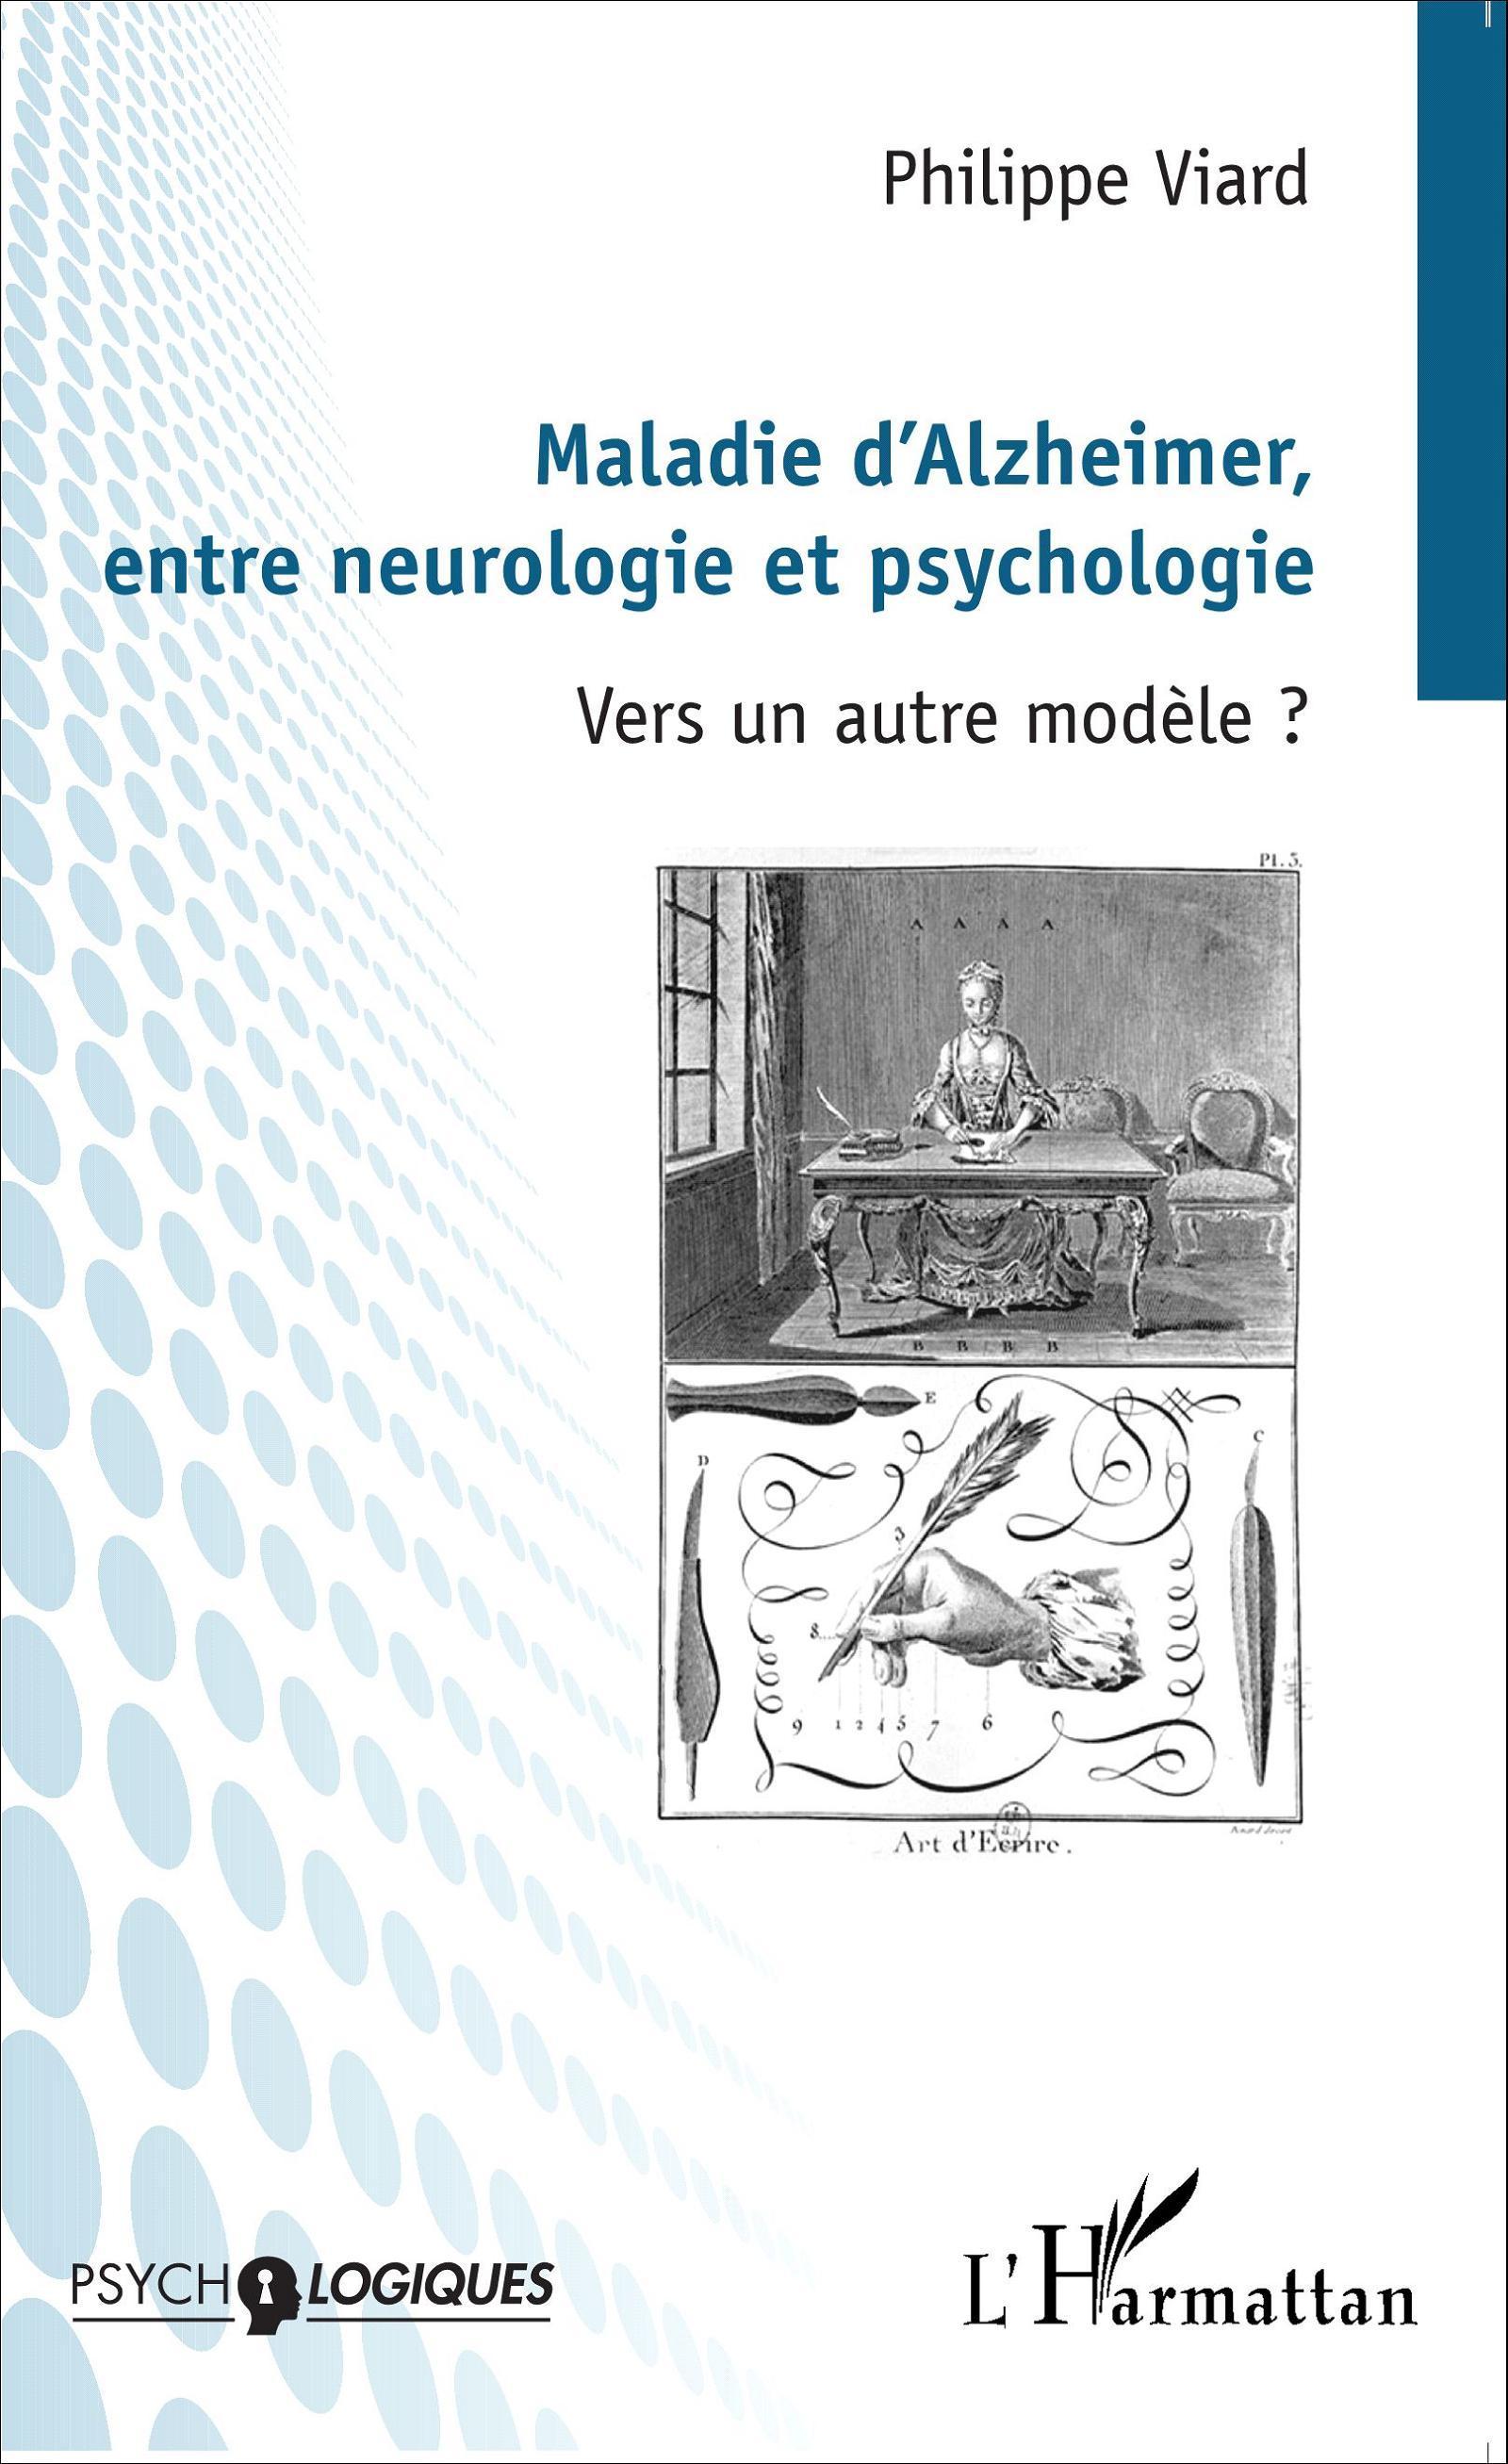 MALADIE D'ALZHEIMER ENTRE NEUROLOGIE ET PSYCHOLOGIE VERS UN AUTRE MODELE